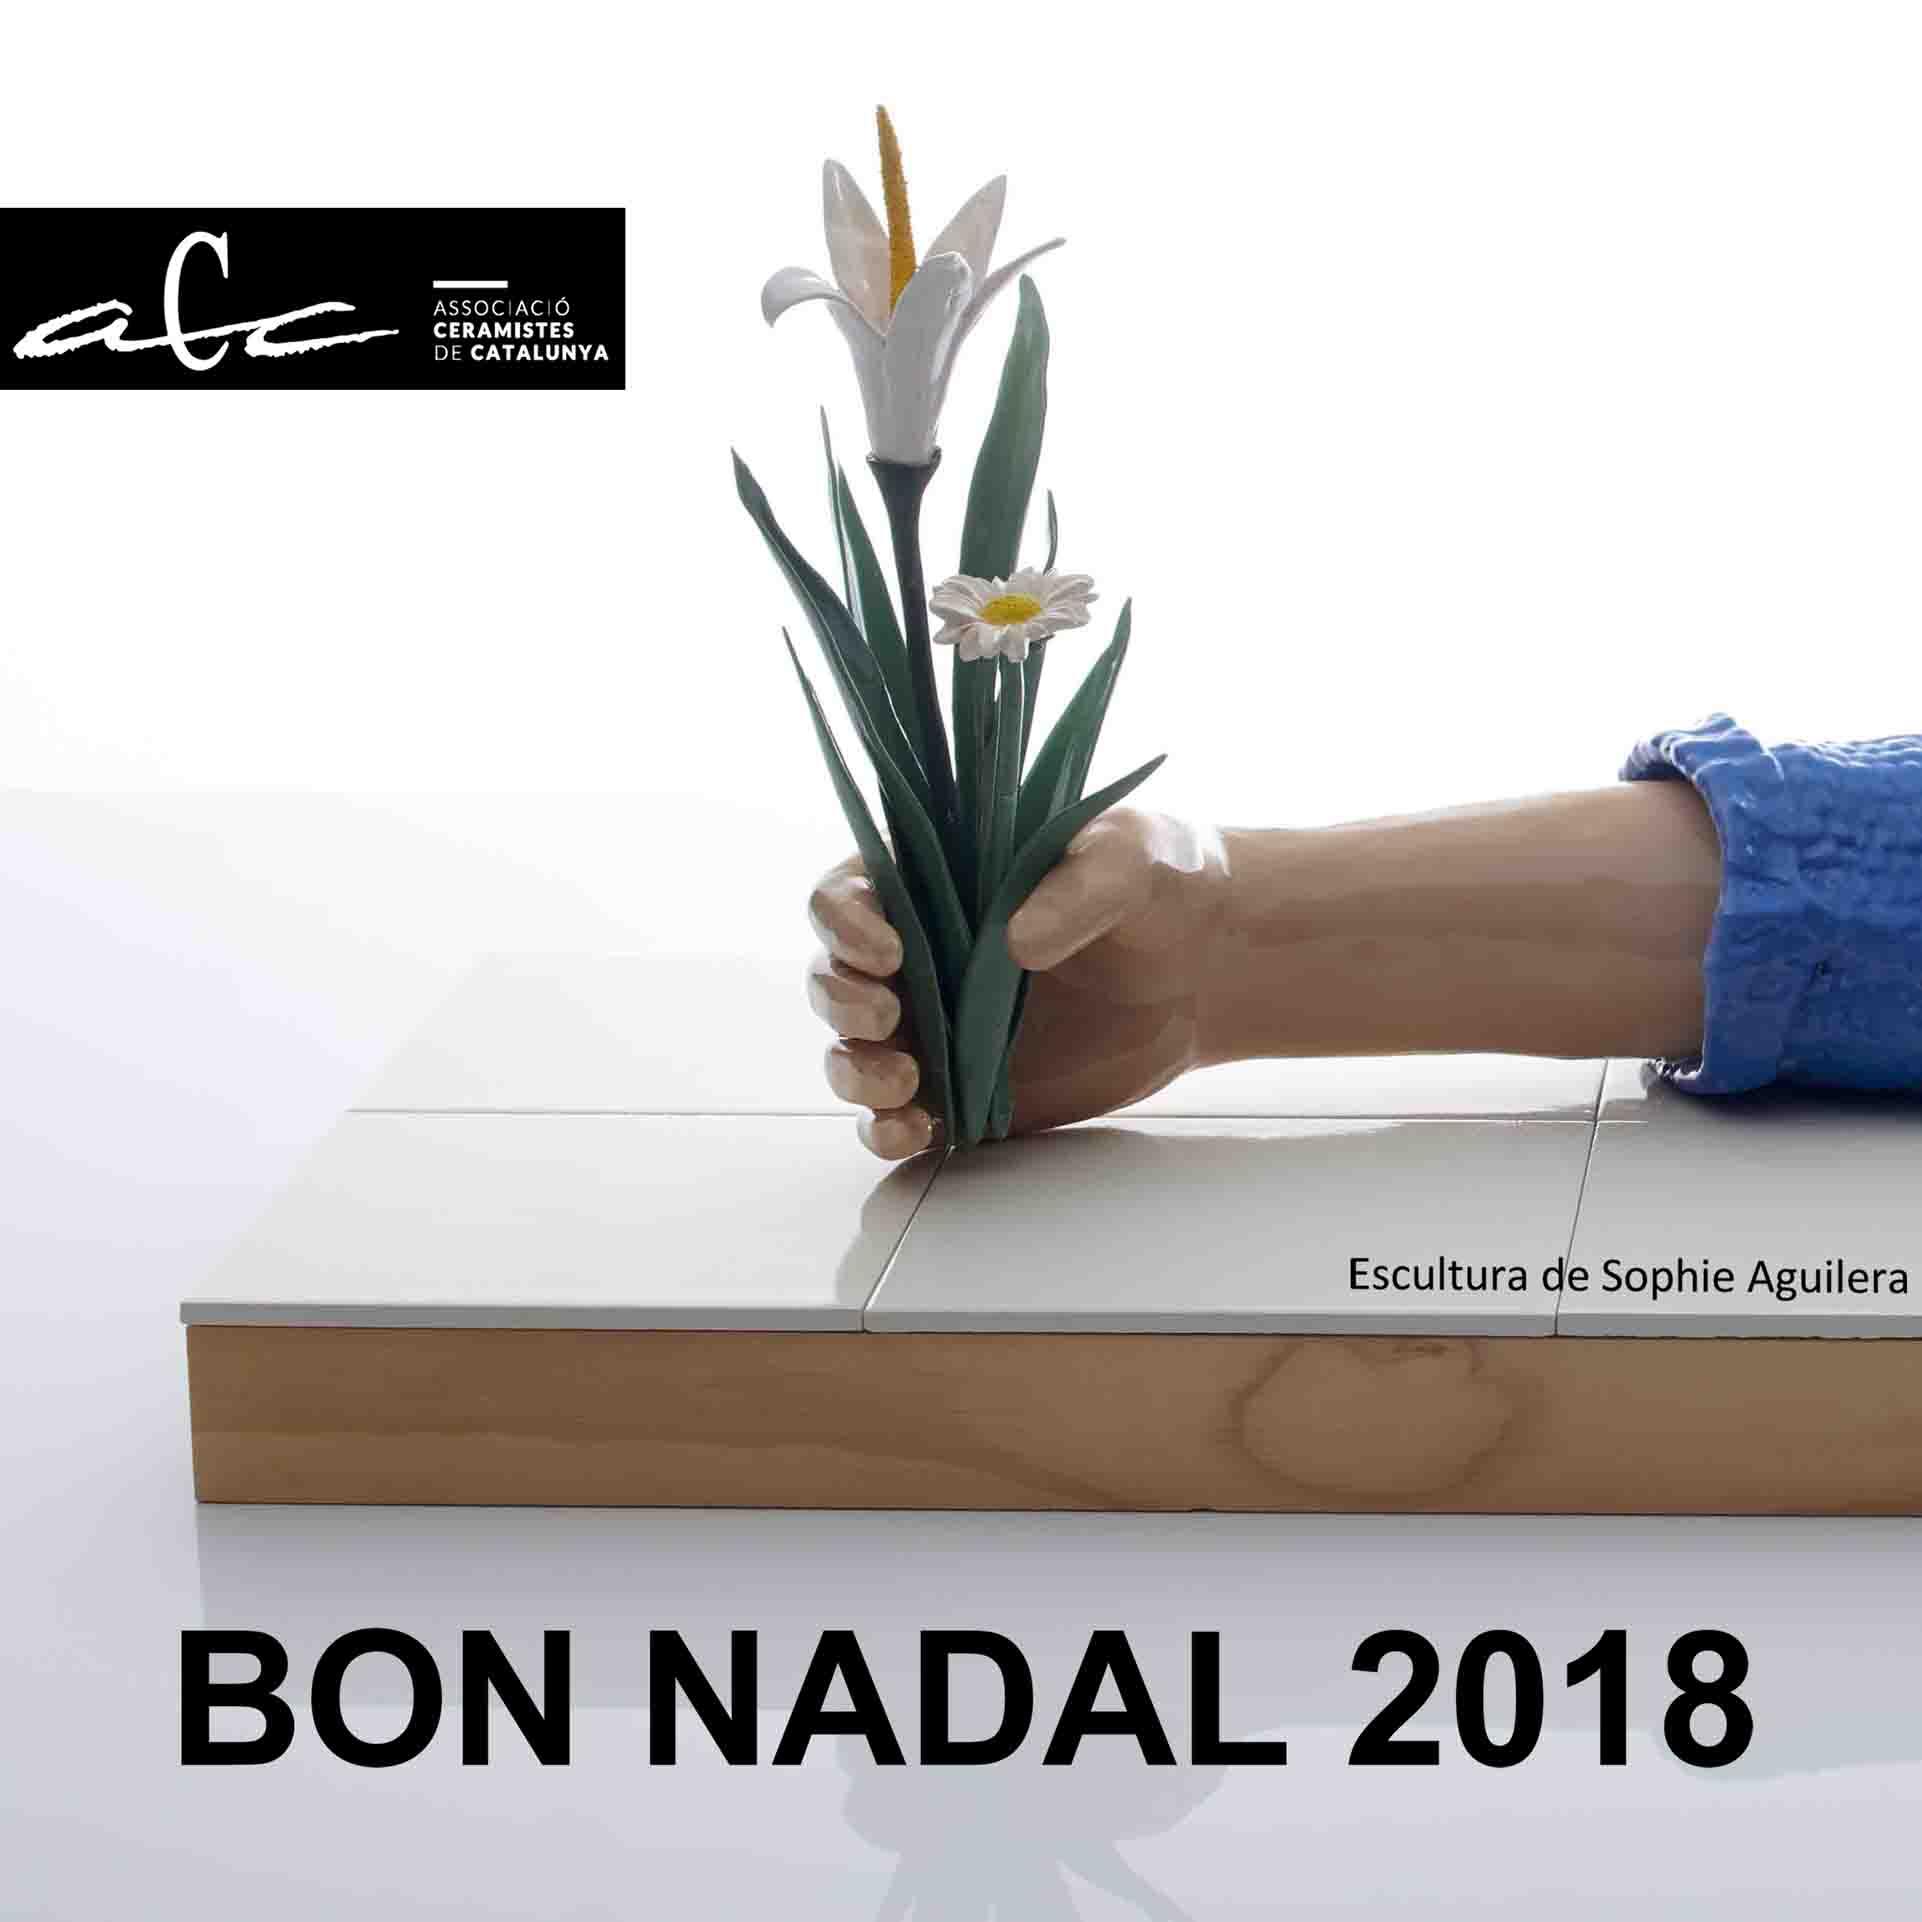 Felicitacio Nadal 2018 ACC Mailing